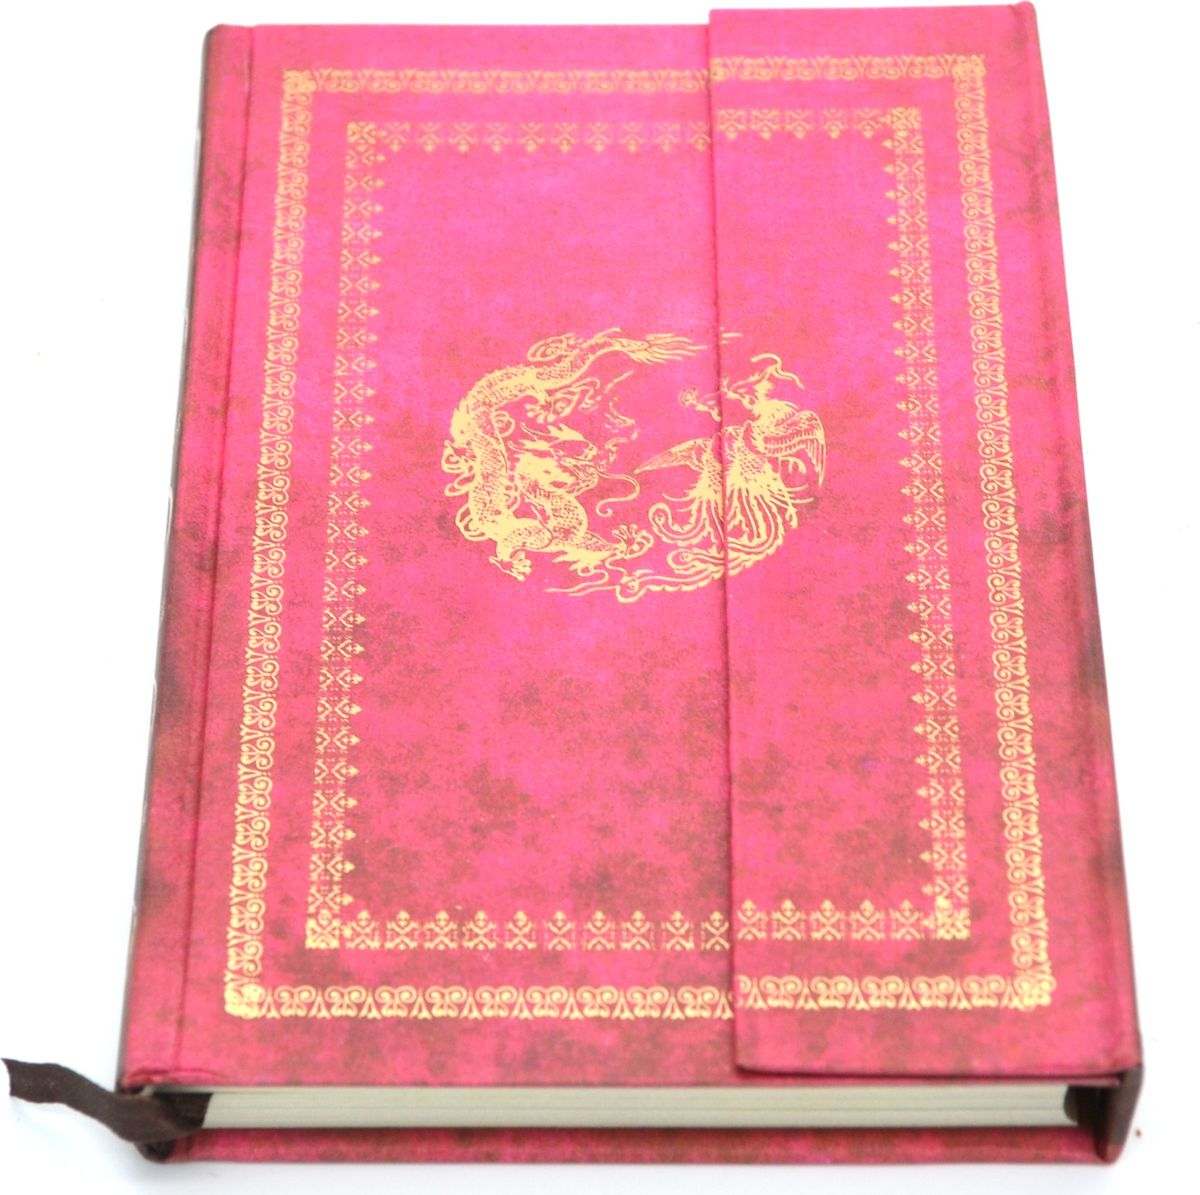 Карамба Блокнот на магните 98 листов цвет розовый4125Стильный блокнот Карамба с жесткой обложкой - незаменимый атрибут современного человека, необходимый для рабочих и повседневных записей в офисе и дома. Магнитная застежка. 98 цветных листов с нежным рисунком.